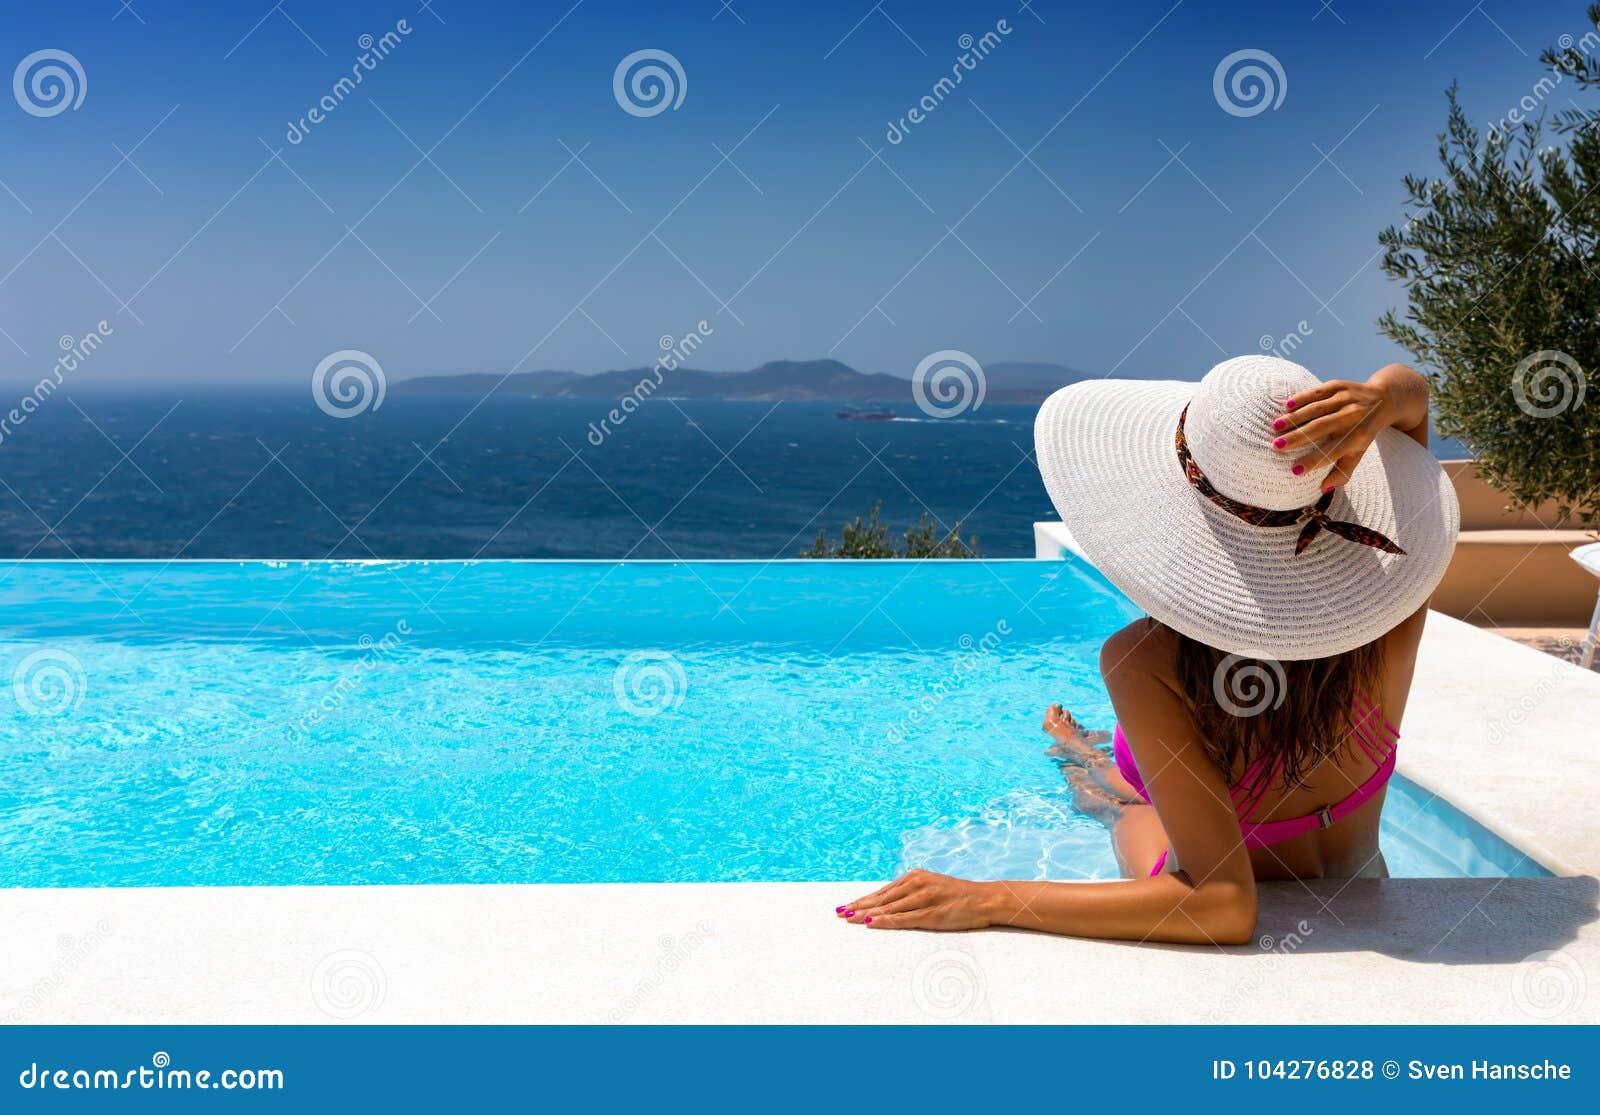 La mujer atractiva es relajante en una piscina del infinito